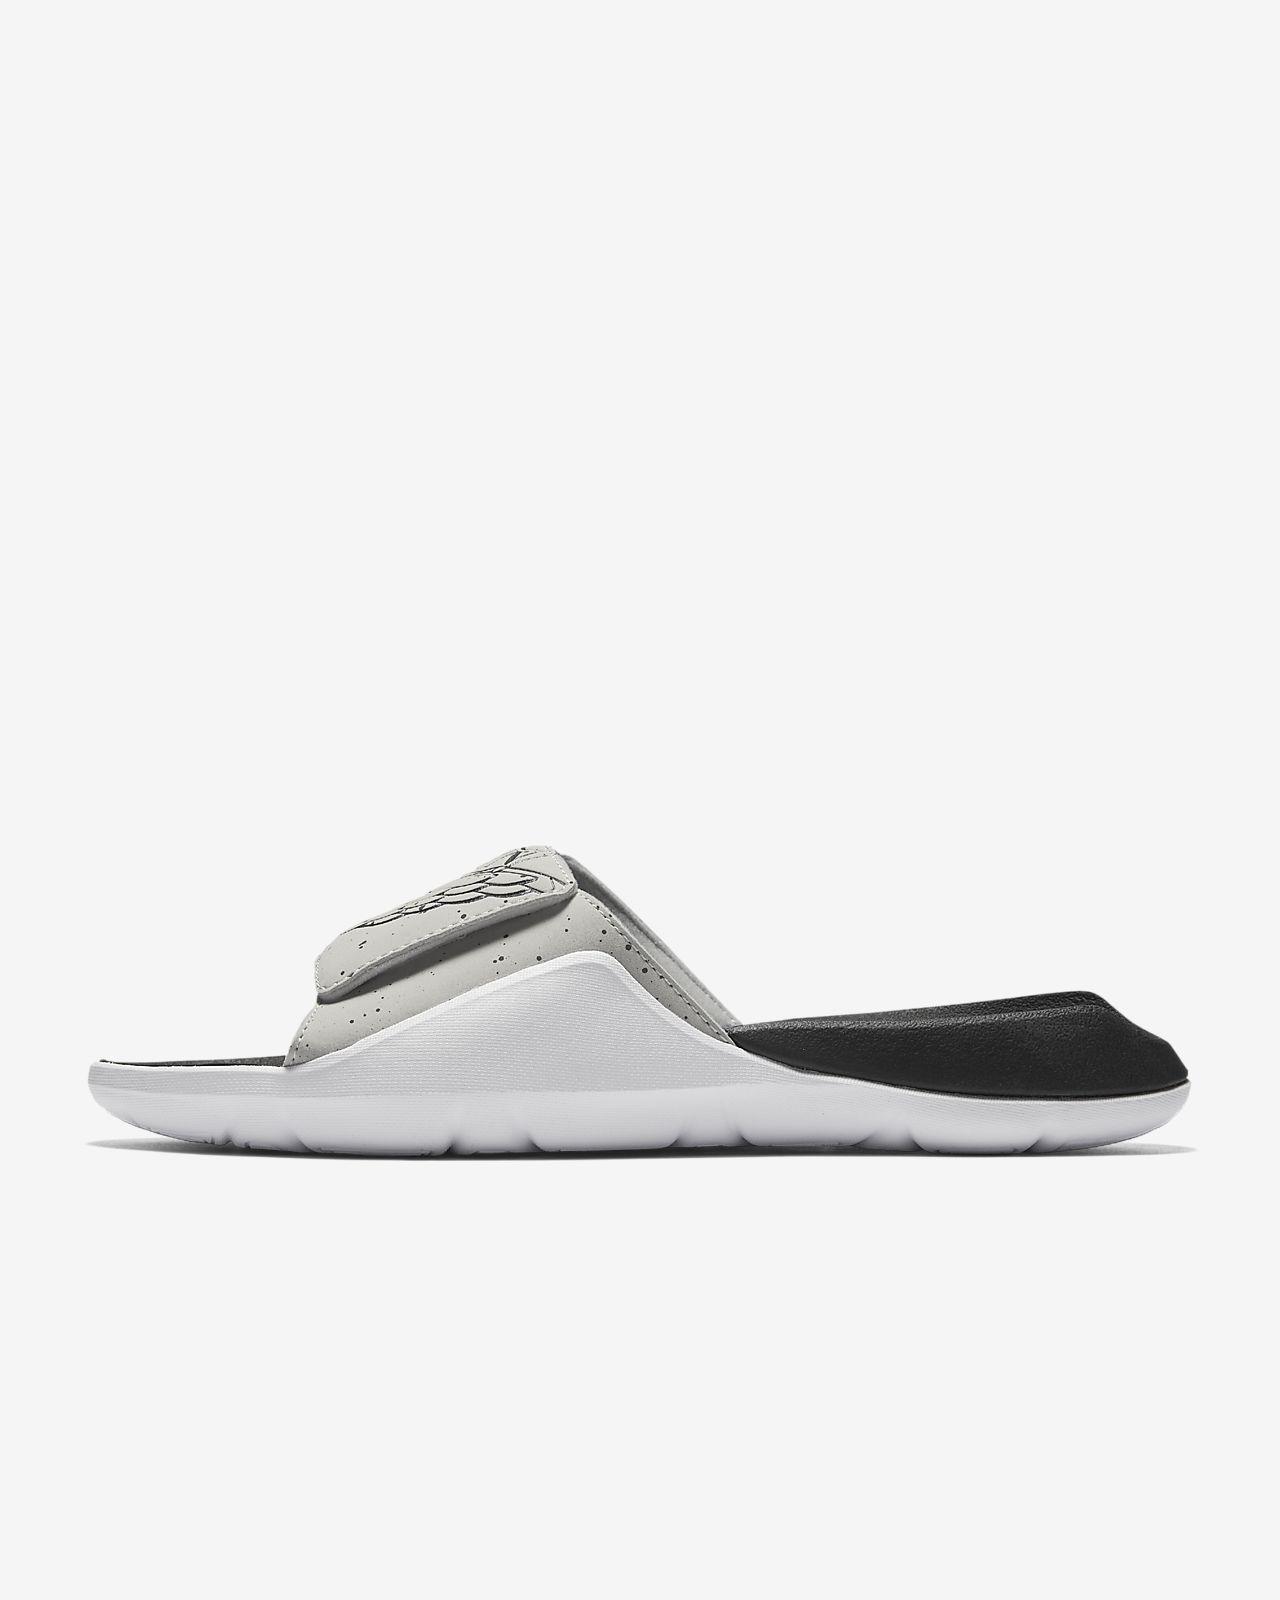 16b021c6237cc8 Jordan Hydro 7 Men s Slide. Nike.com IN